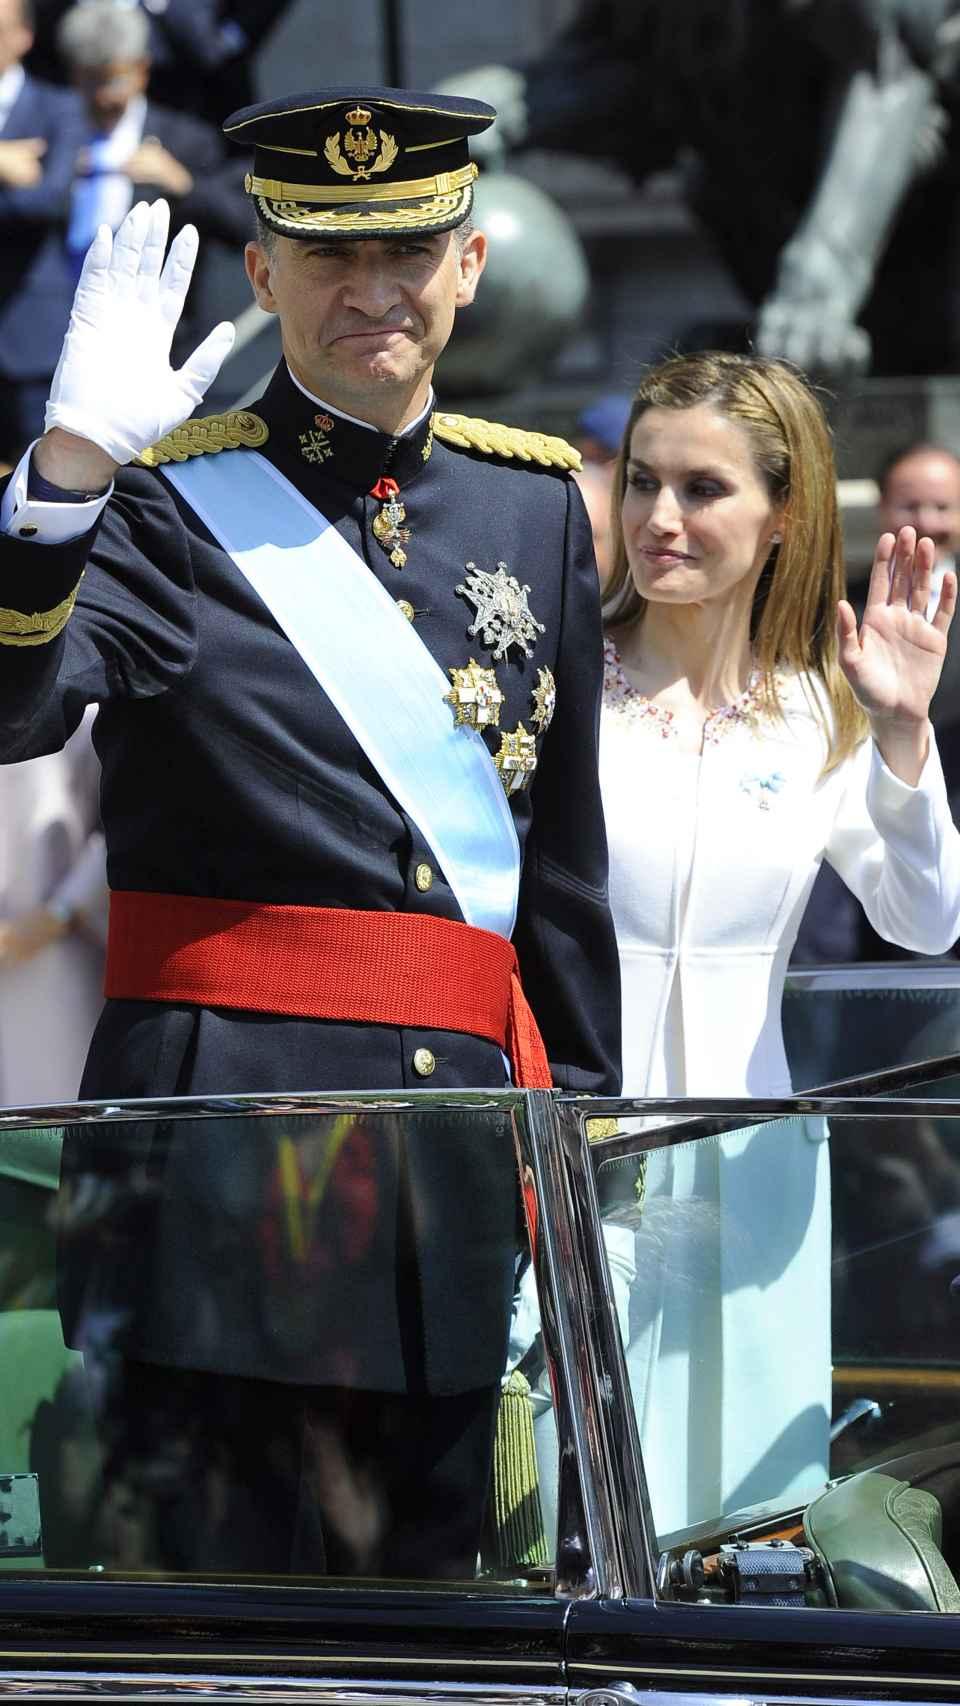 El Príncipe Felipe VI junto a la Reina Letizia durante su proclamación en junio de 2014